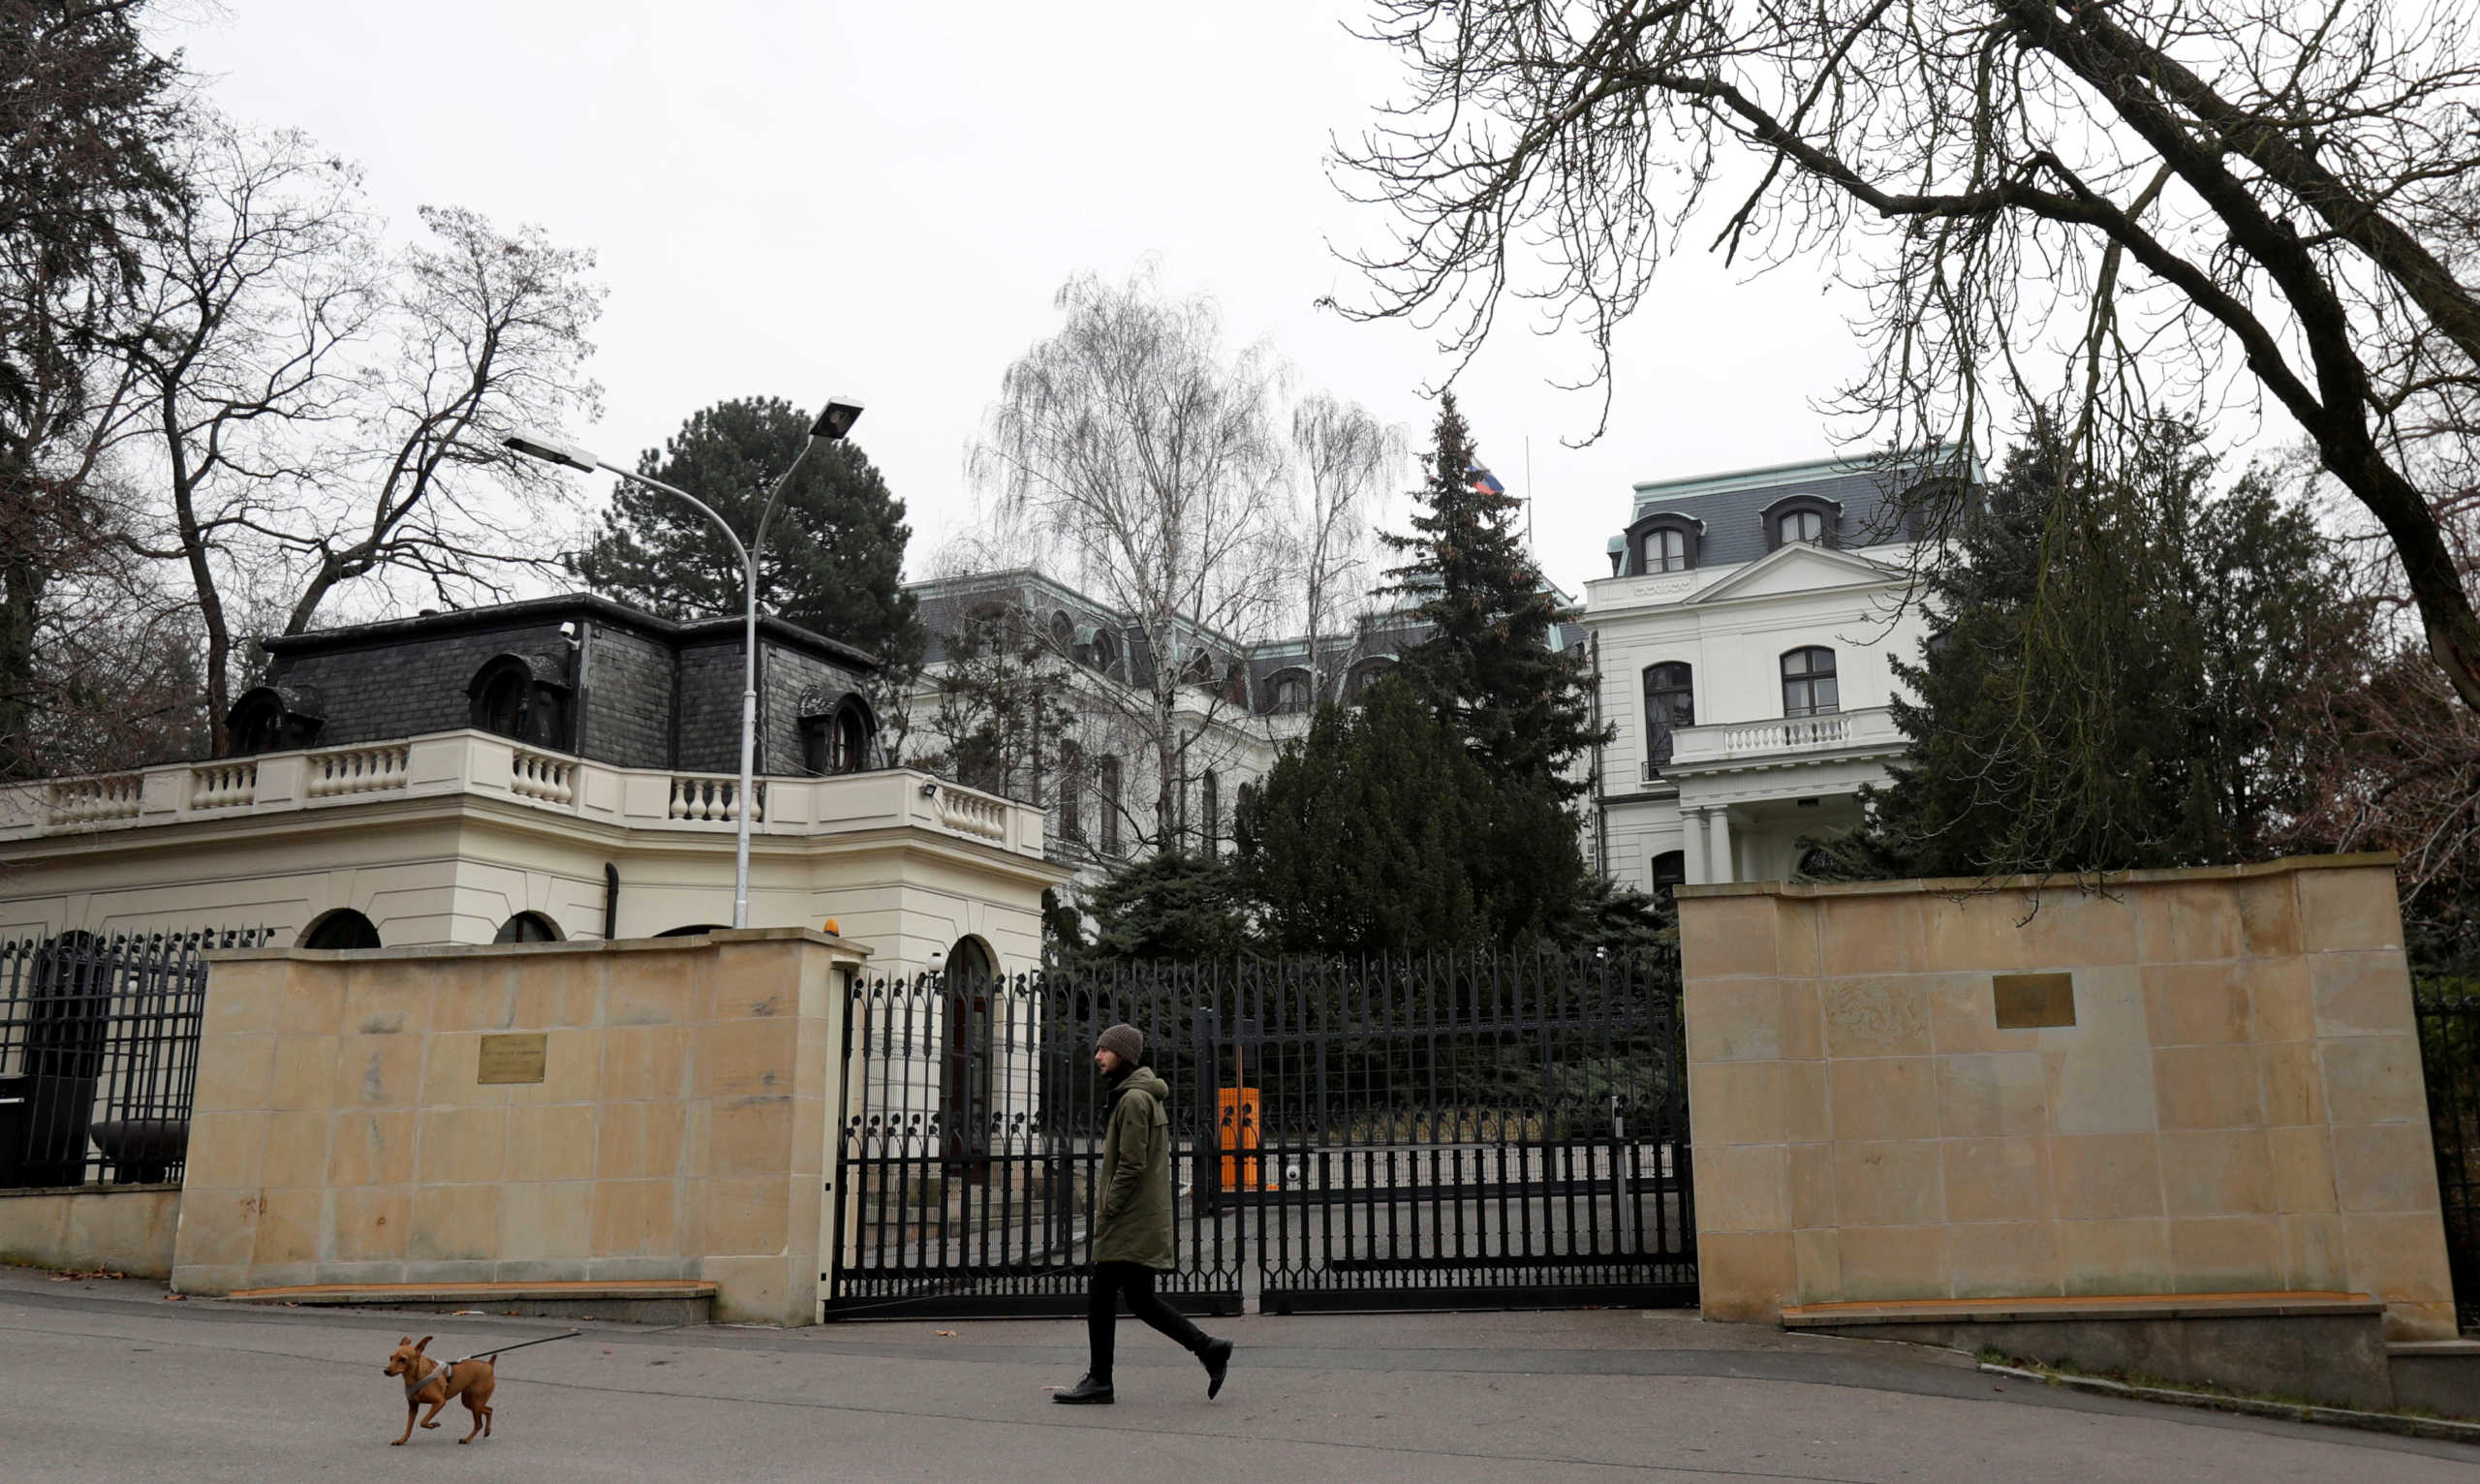 """Πράγα: Σε """"Μπόρις Νεμτσόφ"""" μετονομάστηκε η πλατεία όπου βρίσκεται η ρωσική πρεσβεία"""